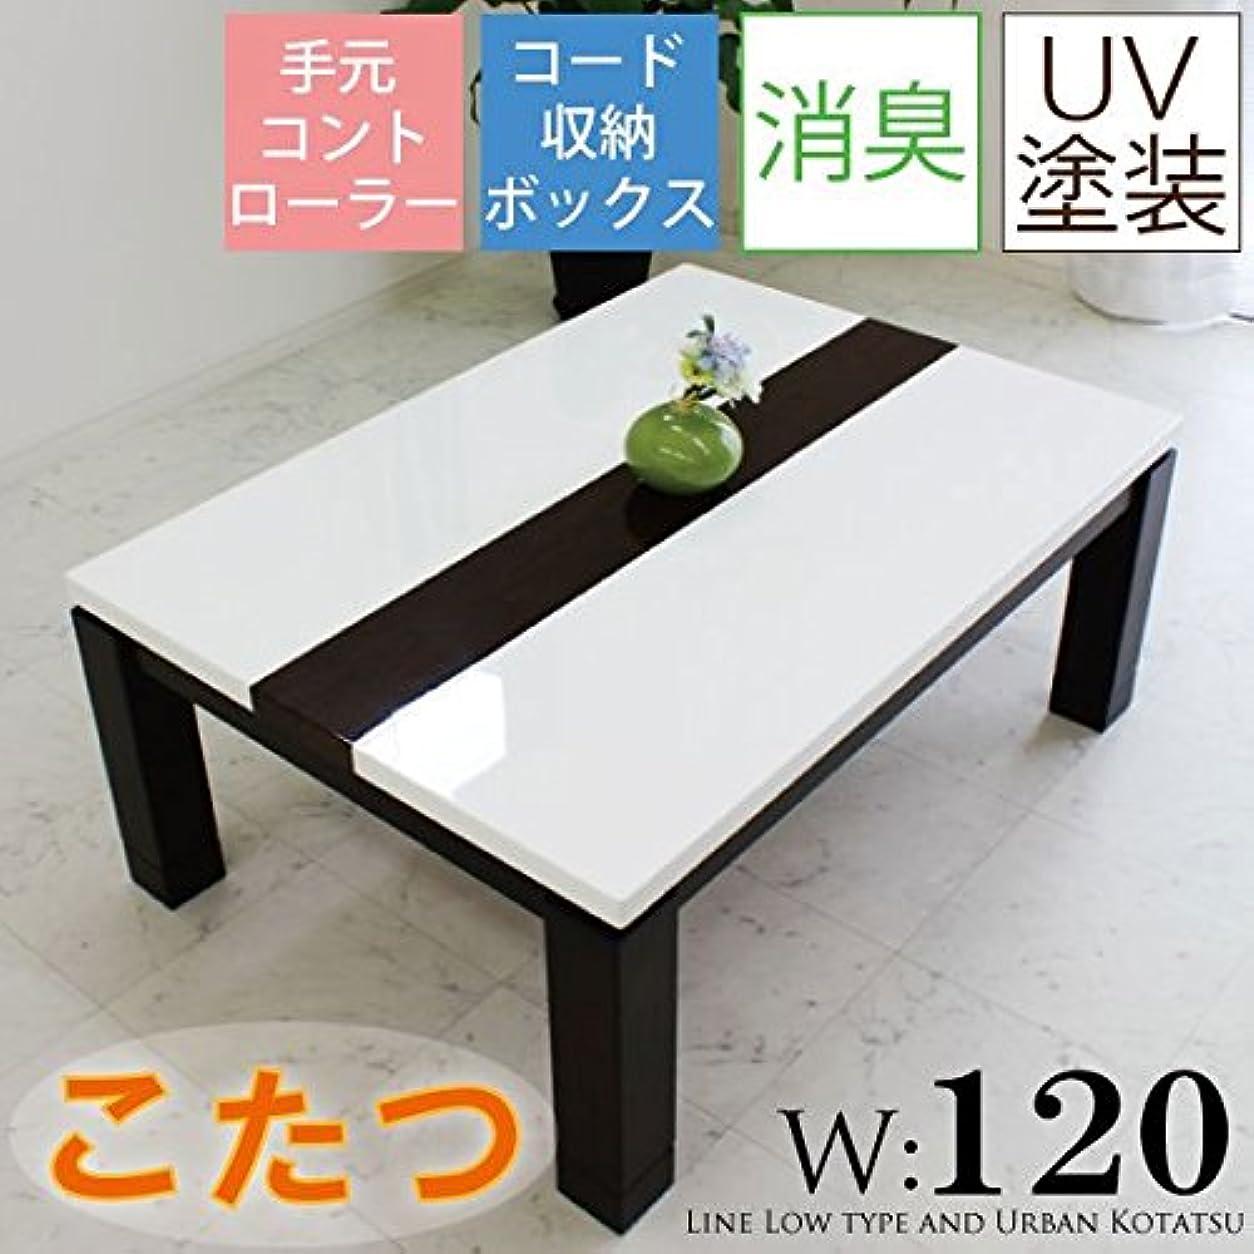 グロー横スペイン家具調こたつ コタツ こたつ 120センチ 長方形 鏡面 ホワイト 座卓 センターテーブル ロータイプ